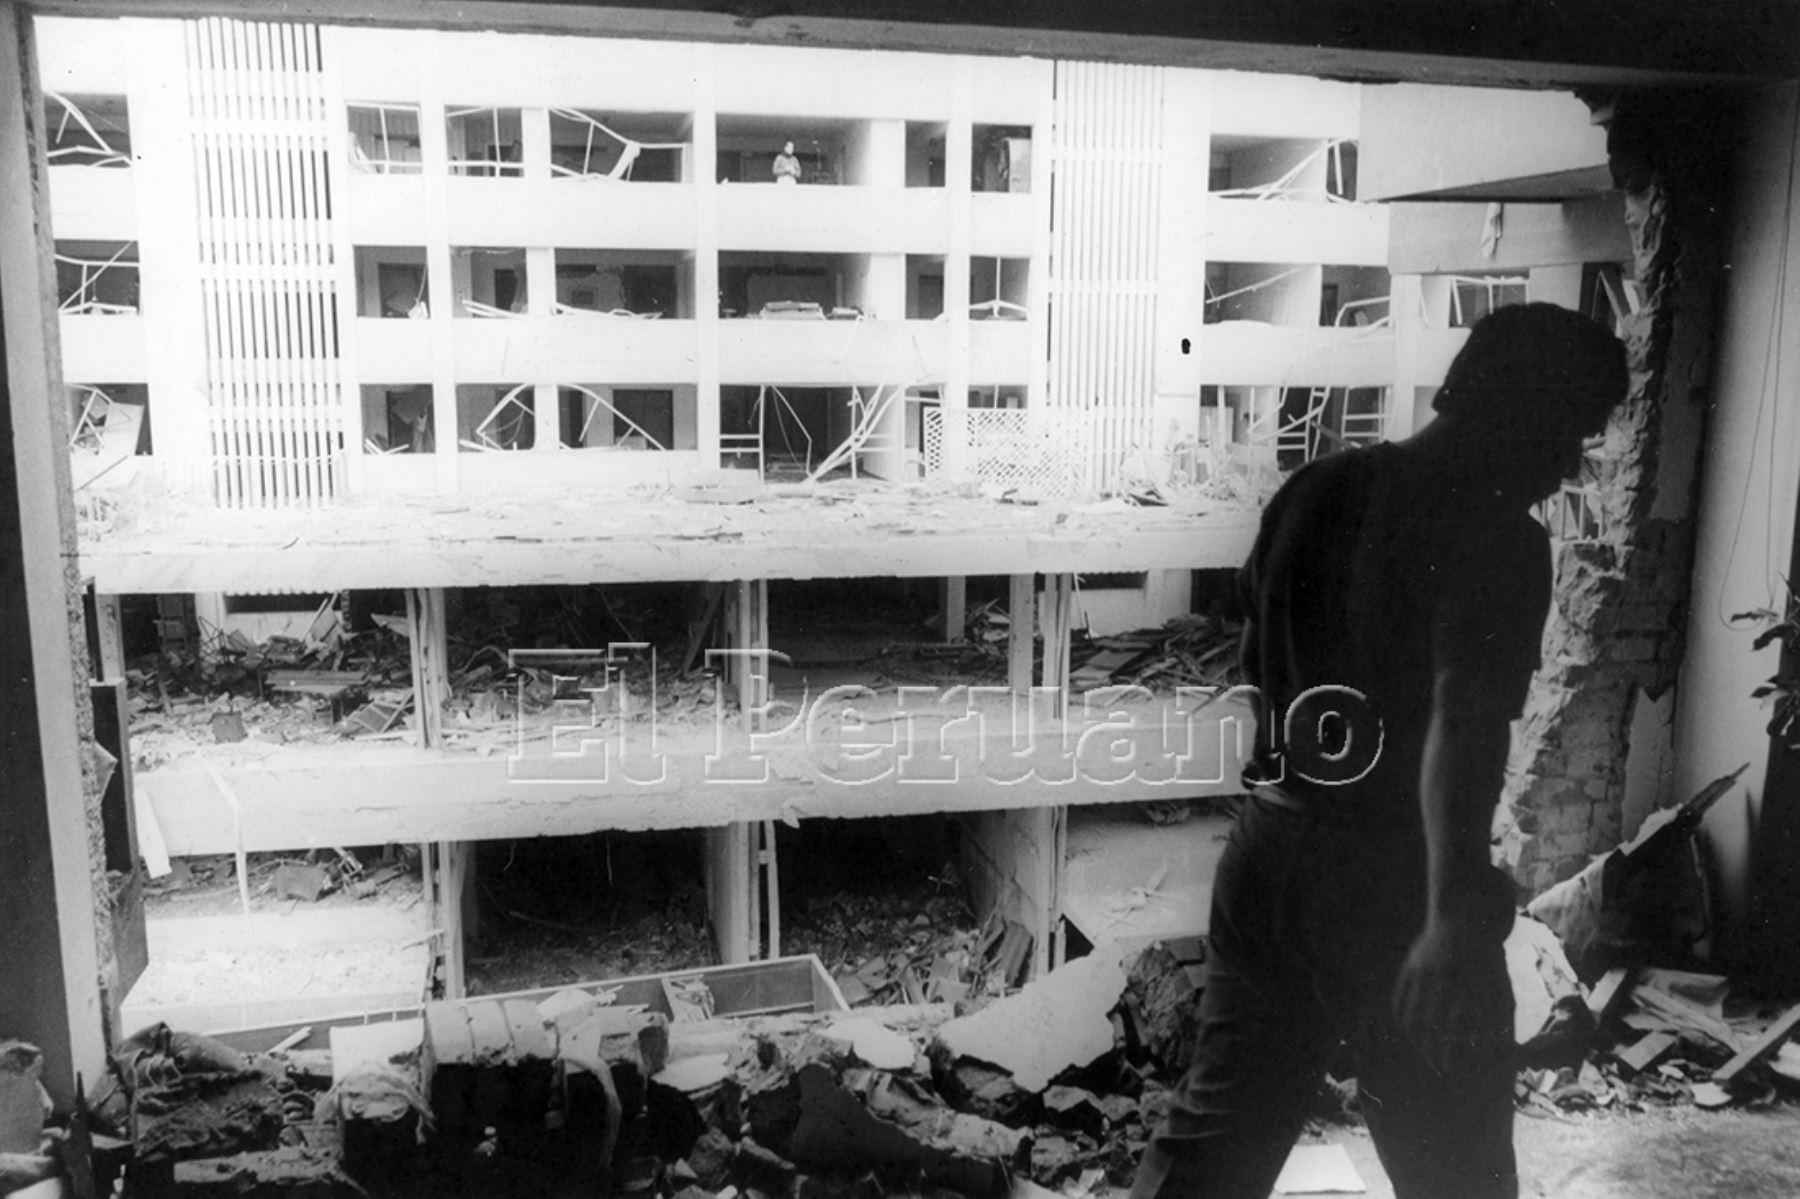 Lima - 17 julio 1992 / Edificio en escombros luego del atentado con coche bomba perpetrado por Sendero Luminosos en la calle Tarata de Miraflores.